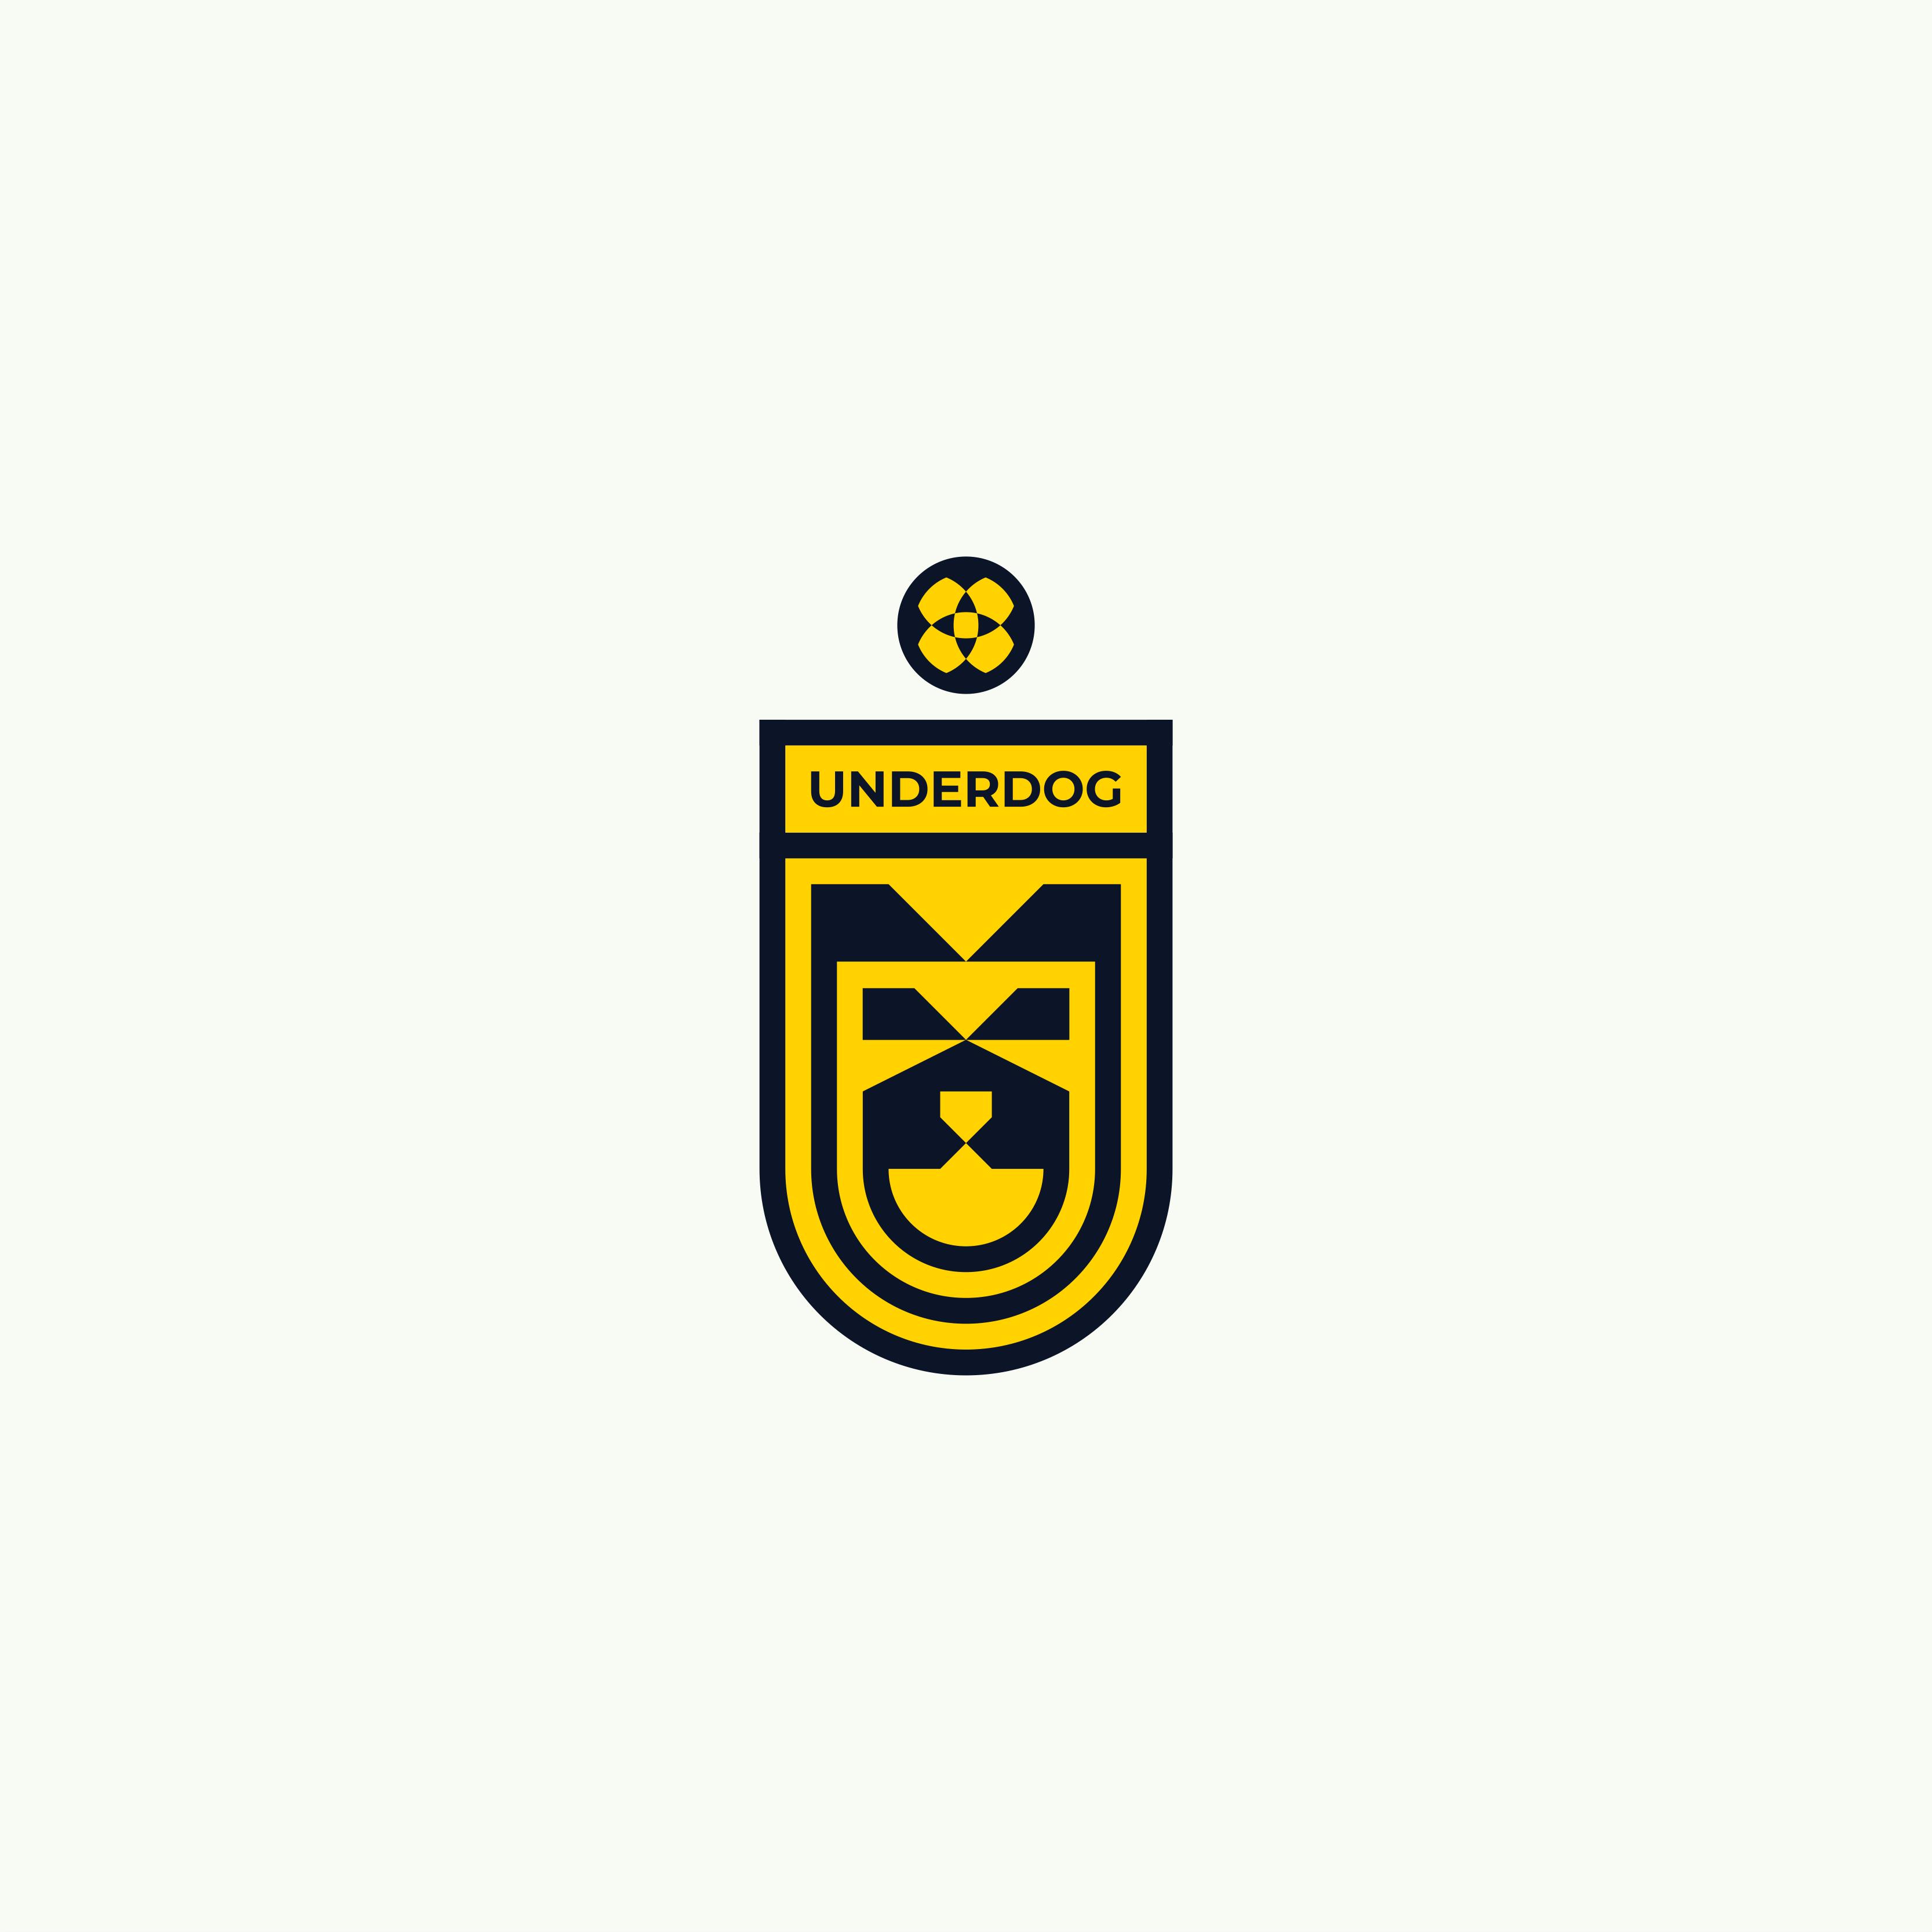 Футбольный клуб UNDERDOG - разработать фирстиль и бренд-бук фото f_0295caf7ee8d679f.png